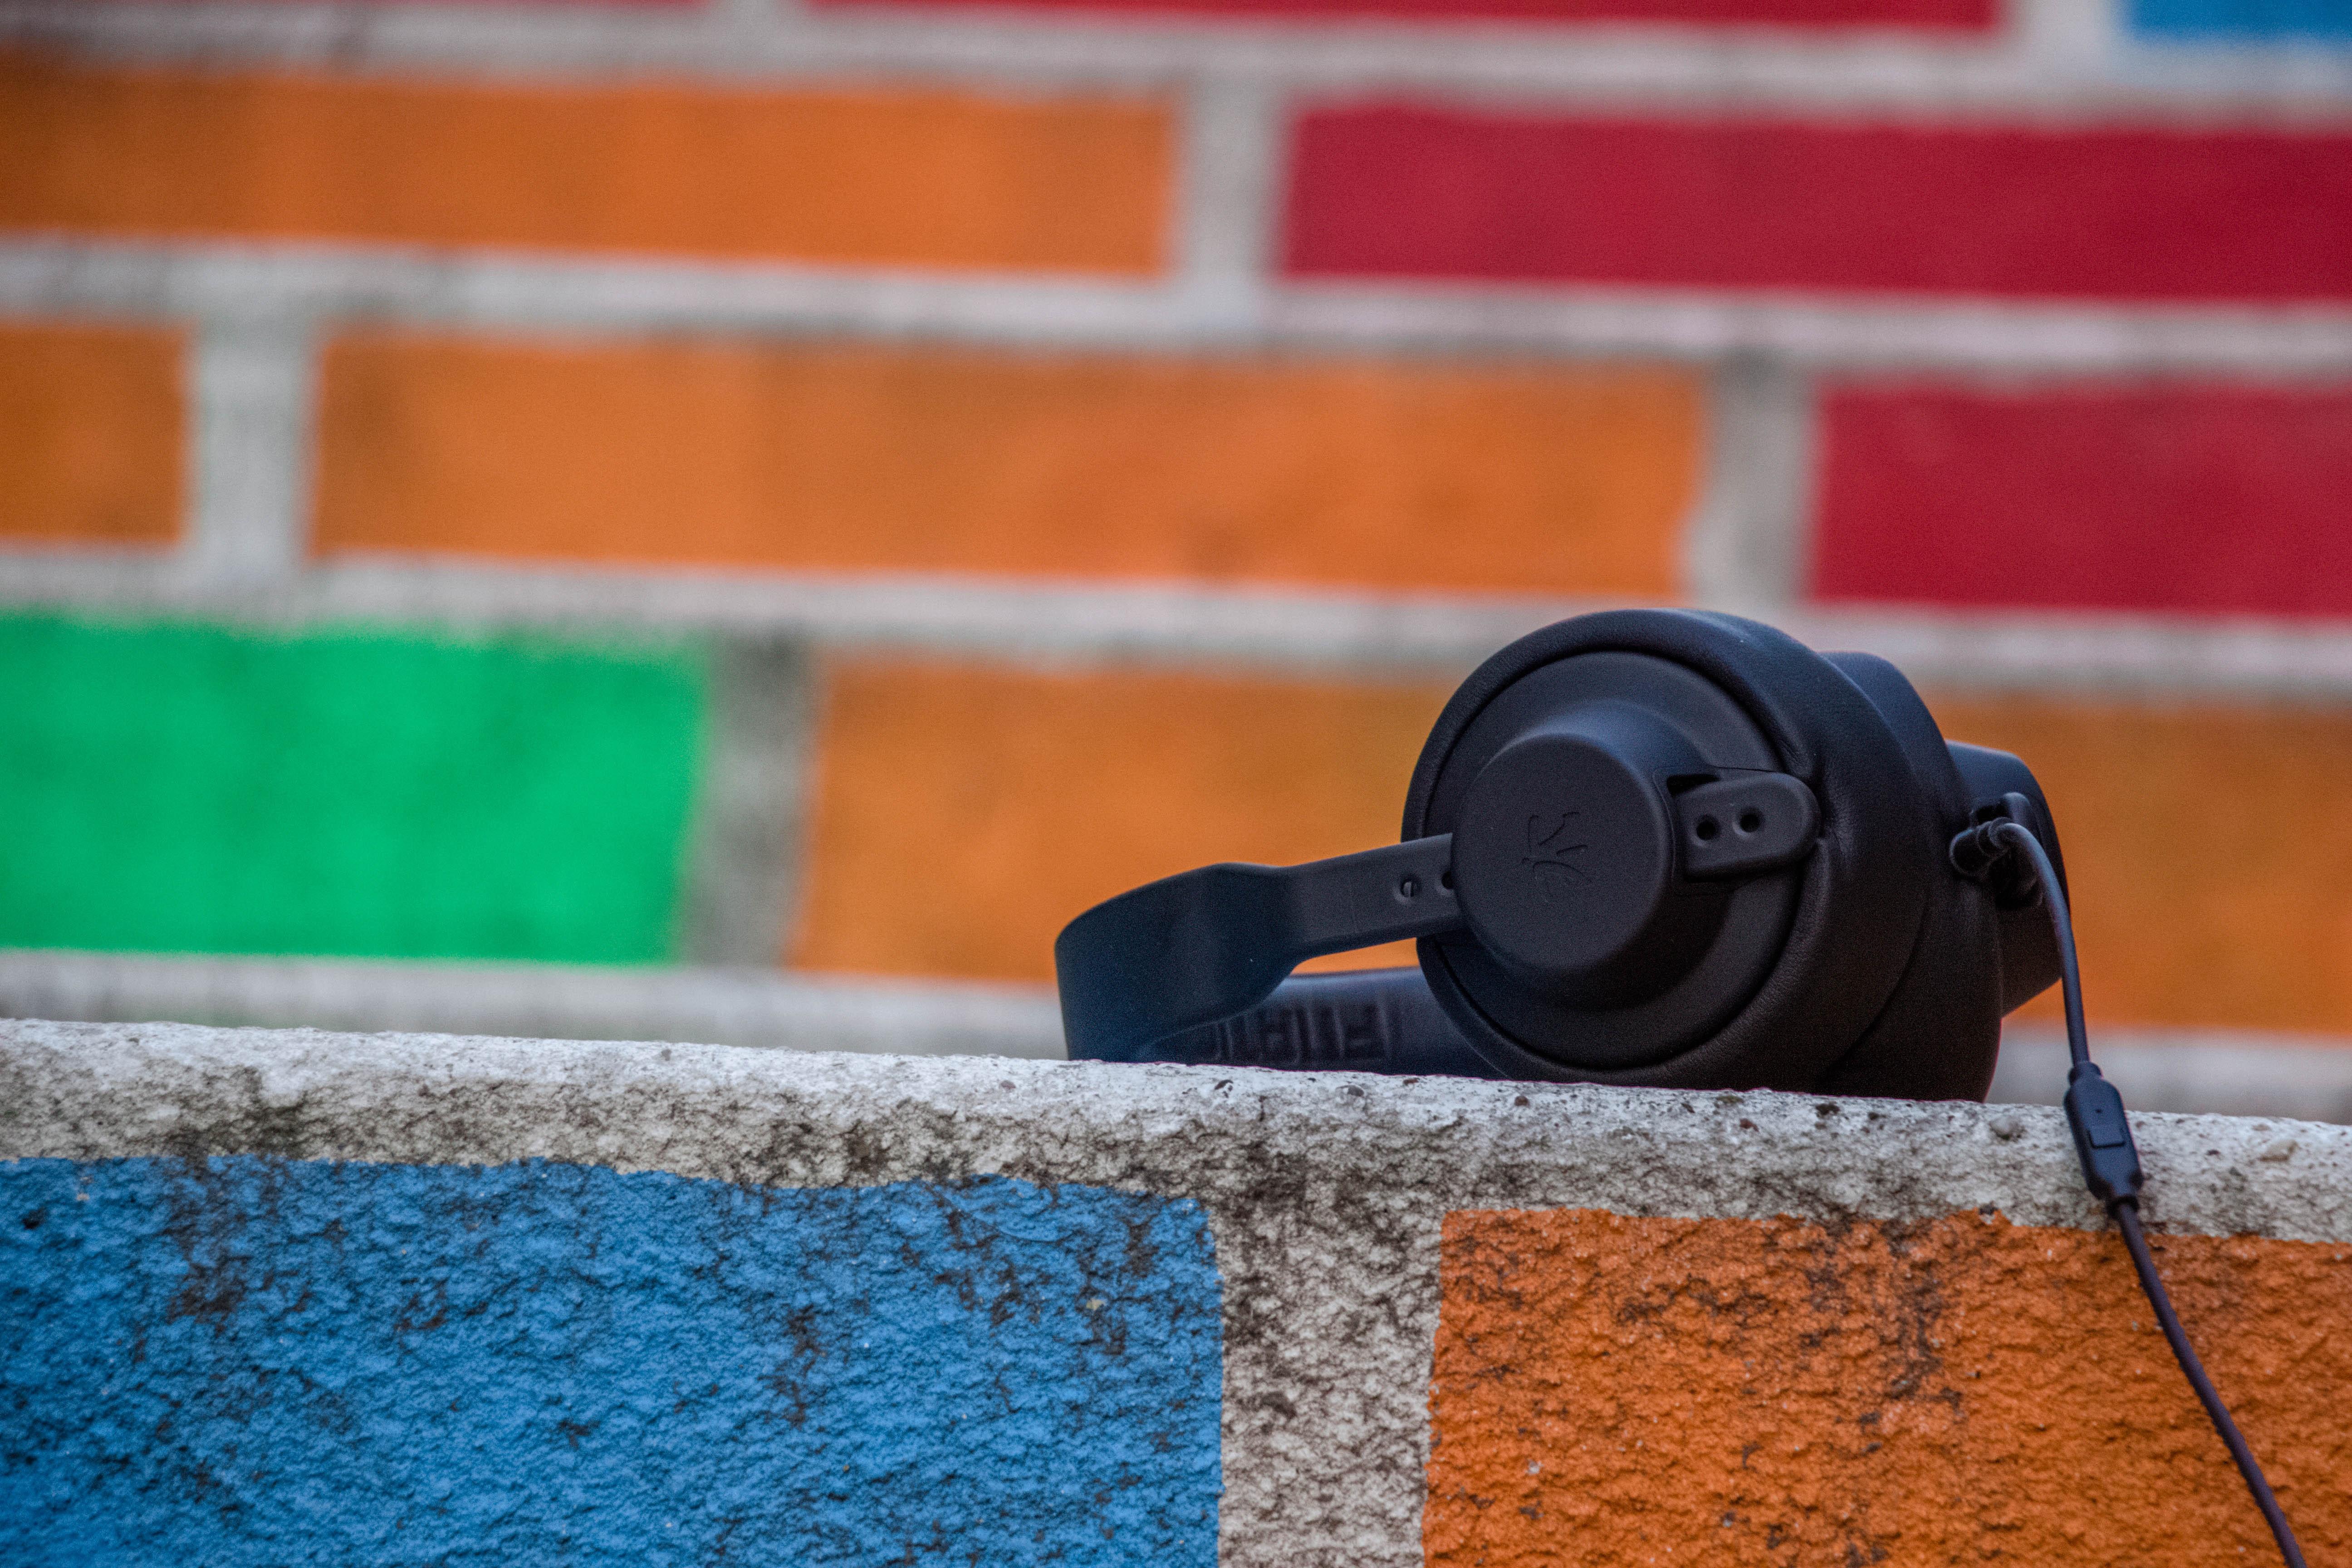 schwarzer Kopfhörer liegt auf Mauer aus bunten Backsteinen